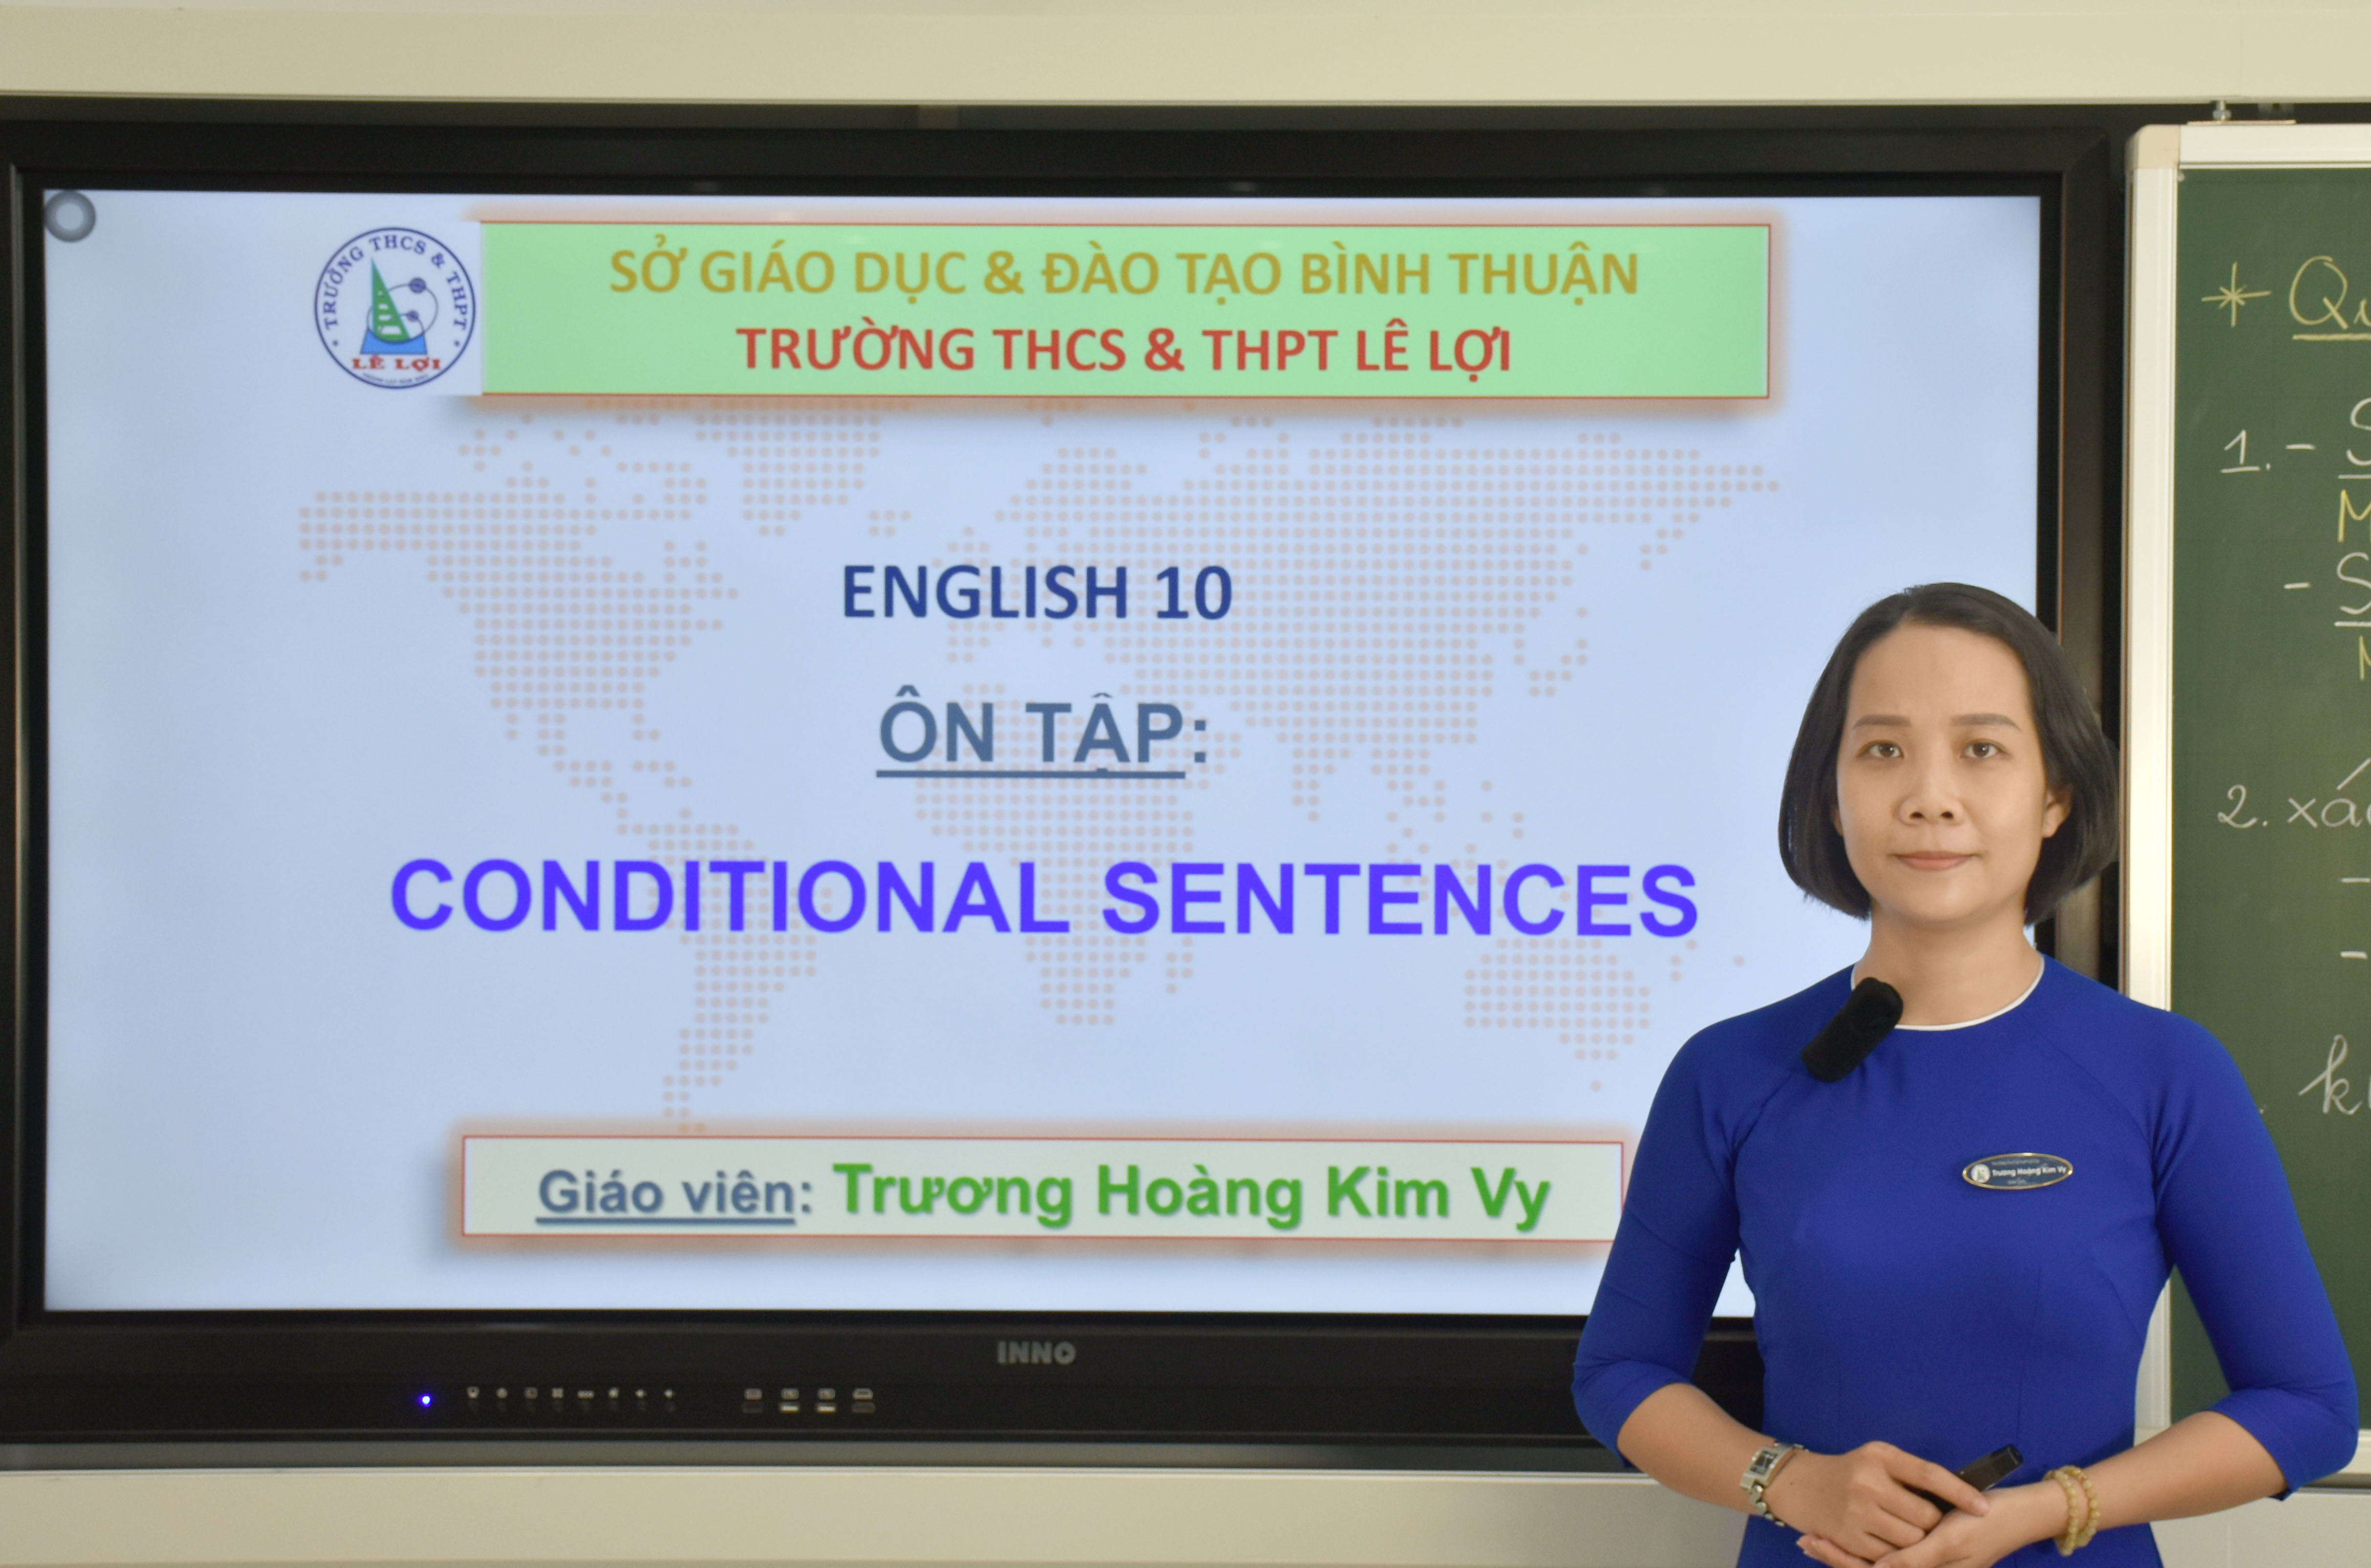 Khối lớp 10 - Conditional sentences - Cô Trương Hoàng Kim Vy